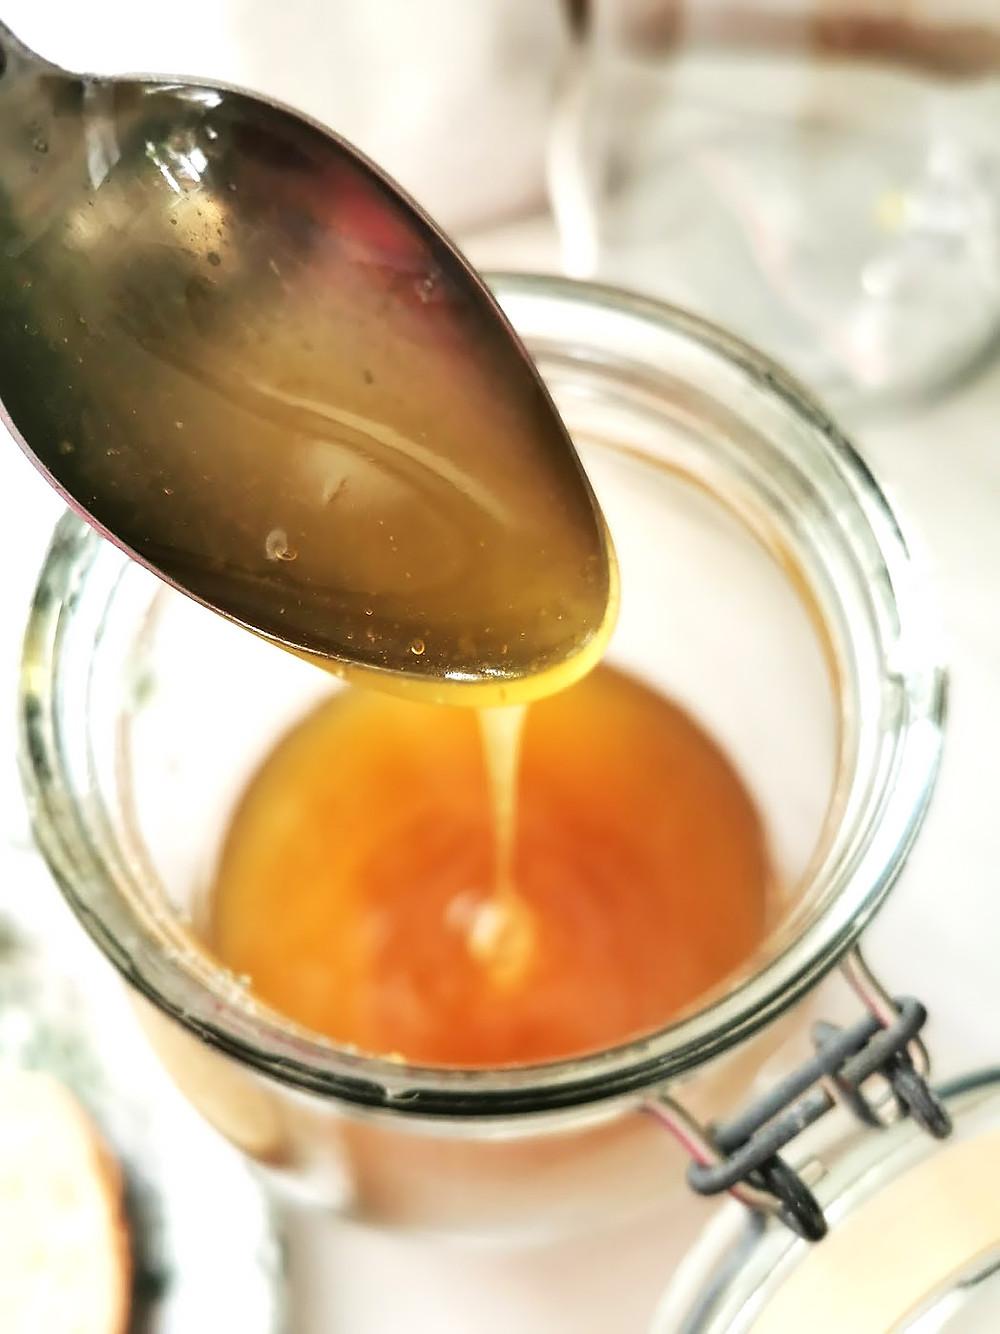 Honungsburk med en sked.